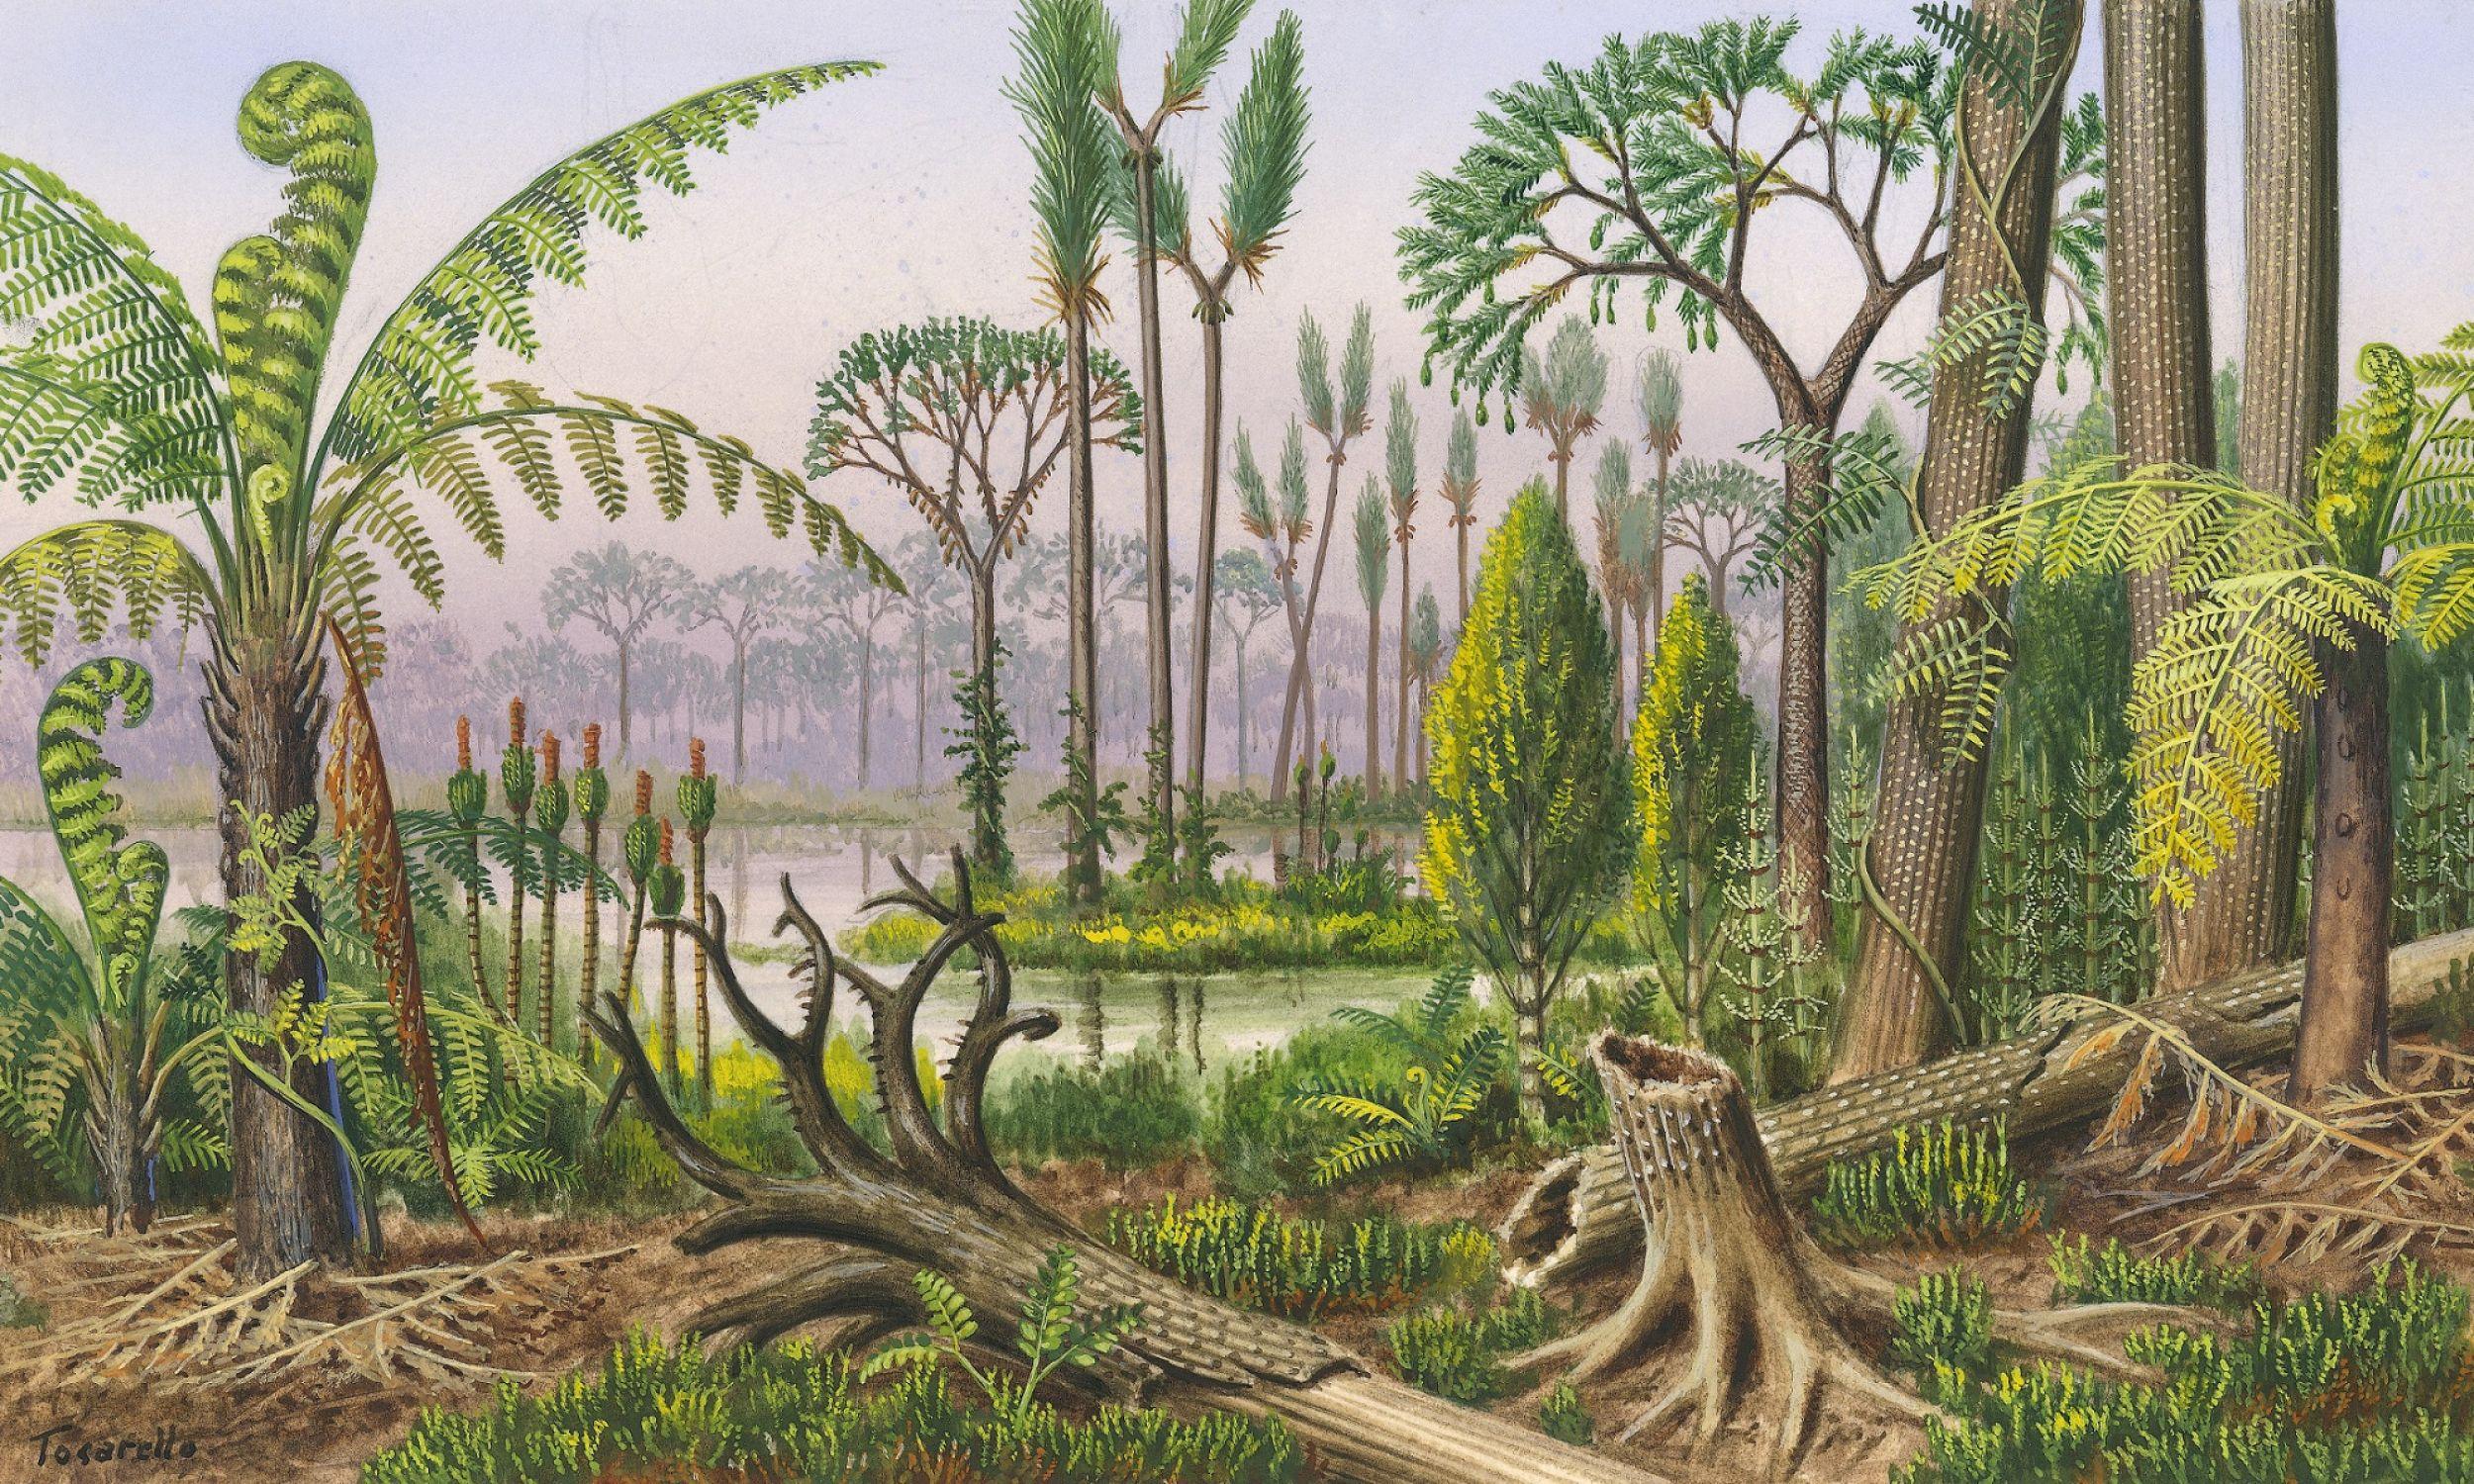 Flora karbońska: paprocie drzew (Megaphyton) i paproć wspinaczkowa, Stiglocalamites schultz, korzeń Sigillaria (Stigmaria), drzewo skali (Bothrodendron), Sigillaria, Calamites, Lepidodendron sternbergi. Fot. DeAgostini / Getty Images